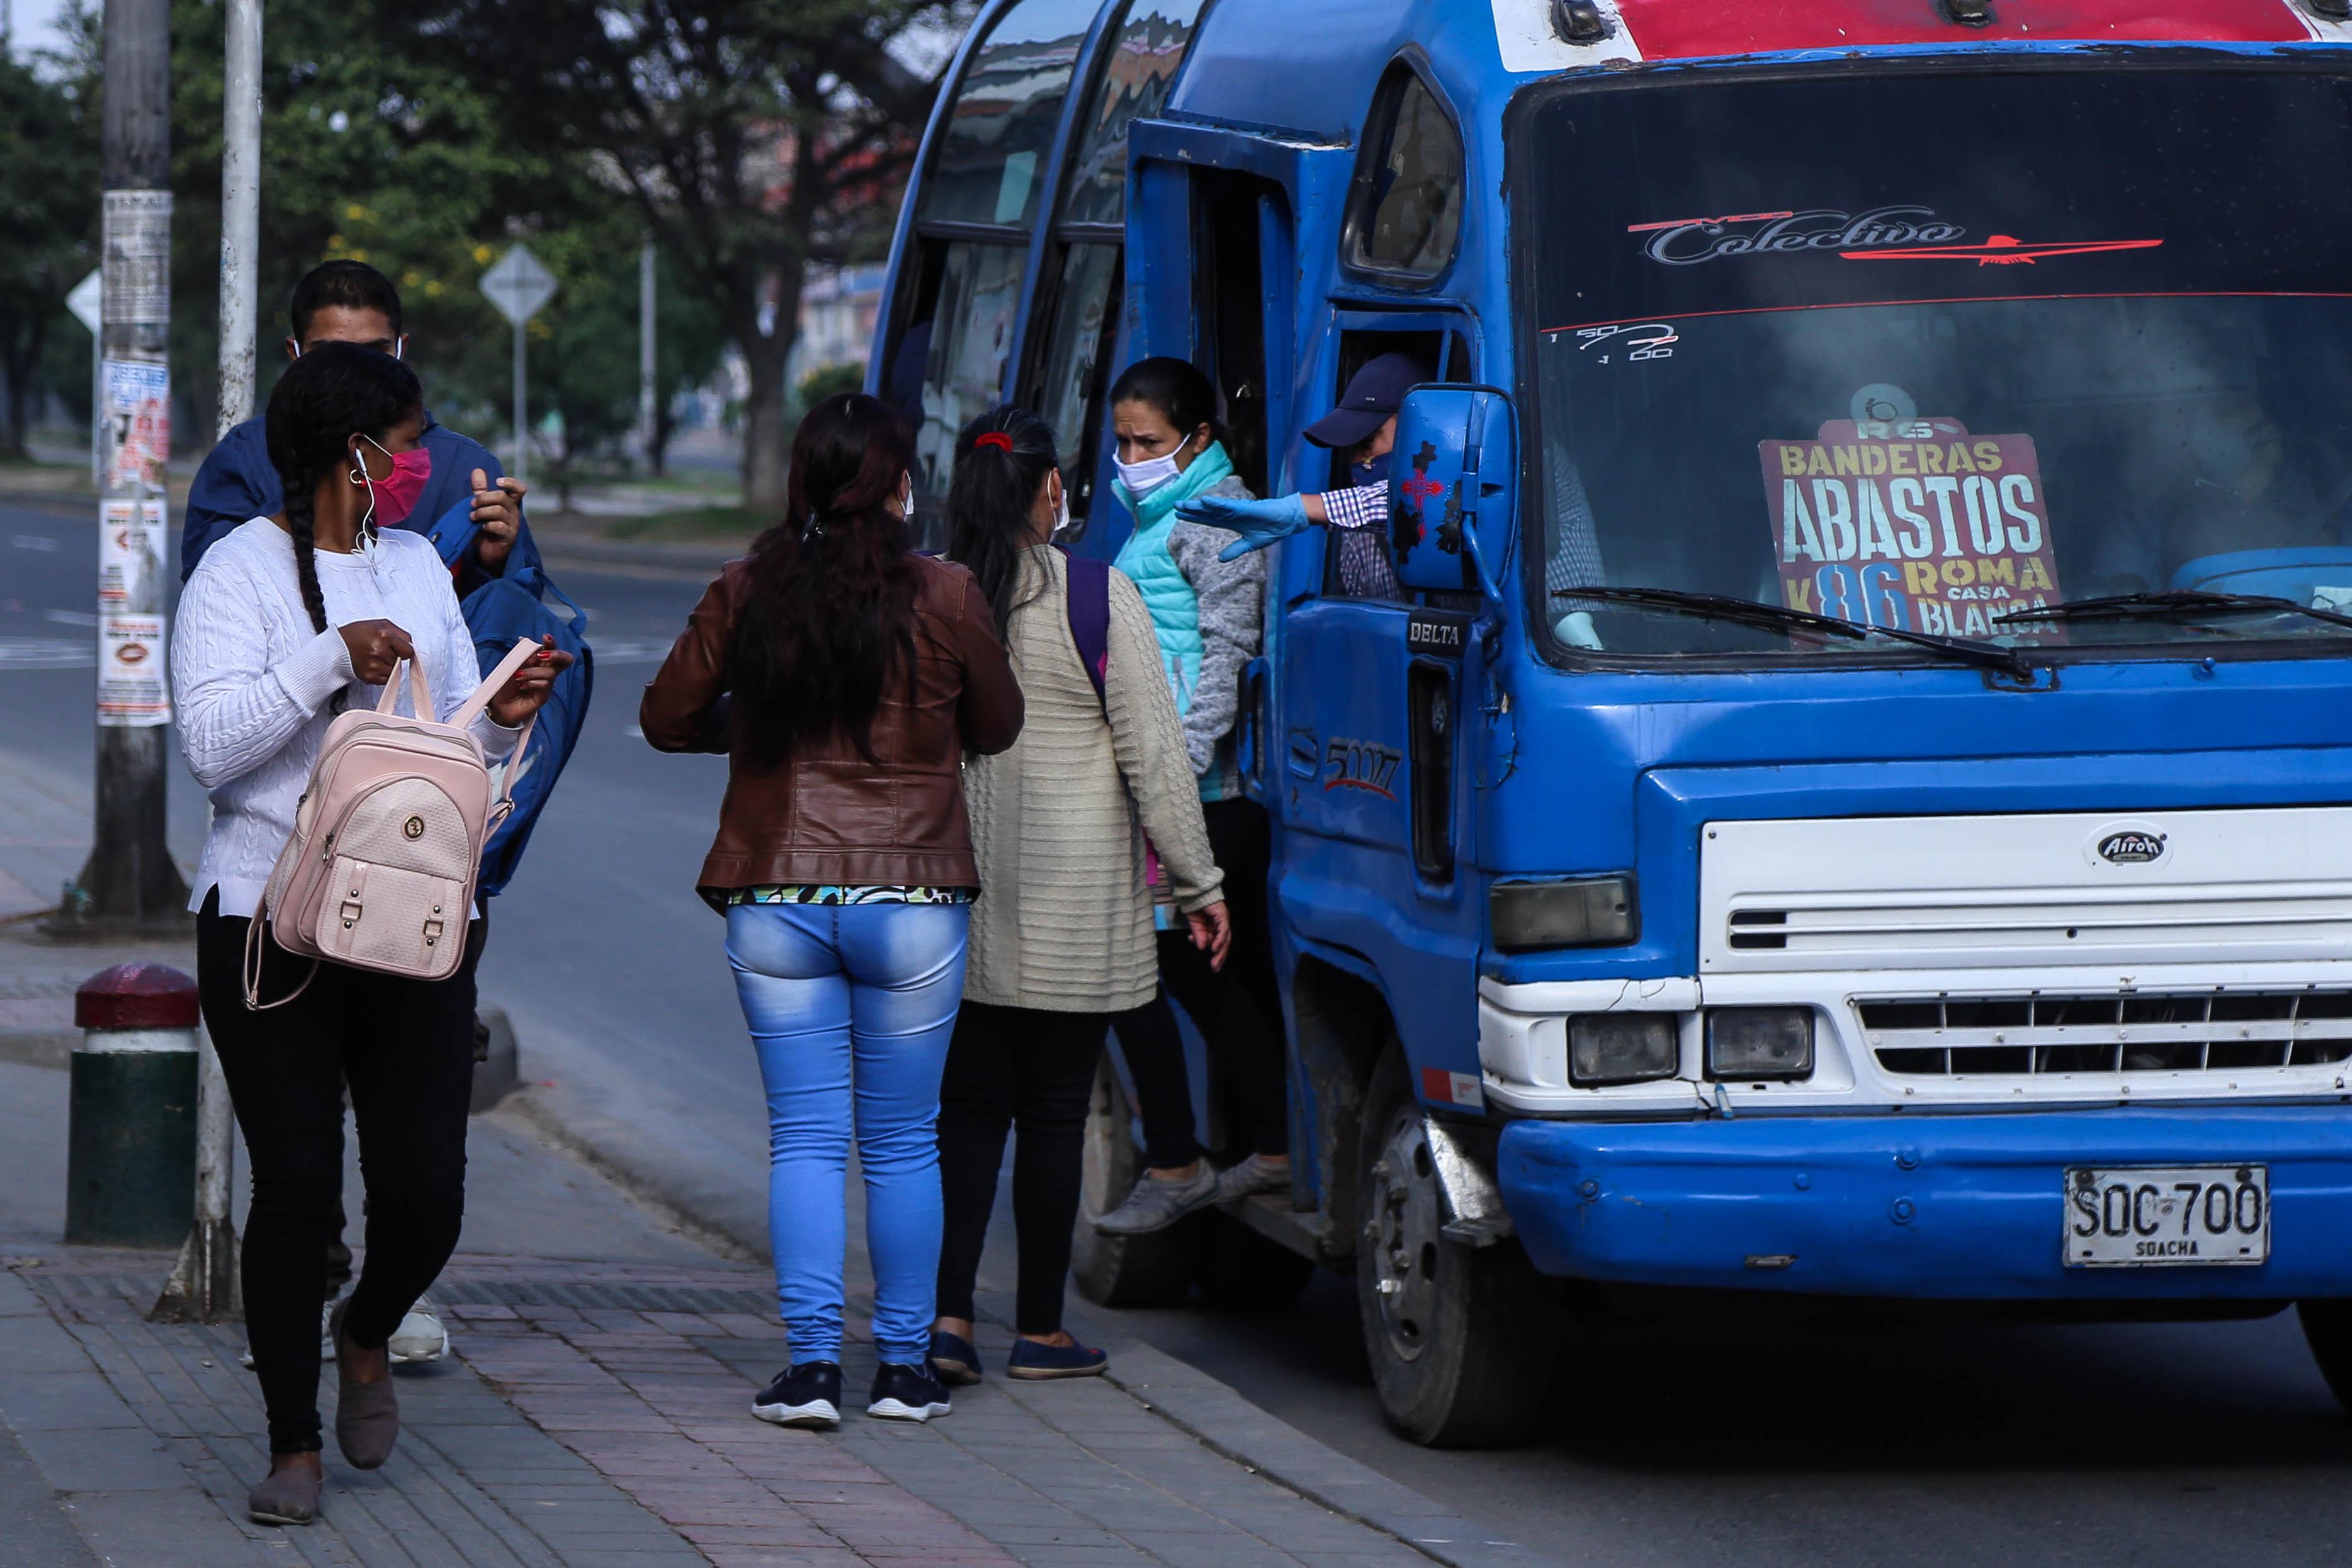 Enfermera fue agredida en un bus de Bogotá